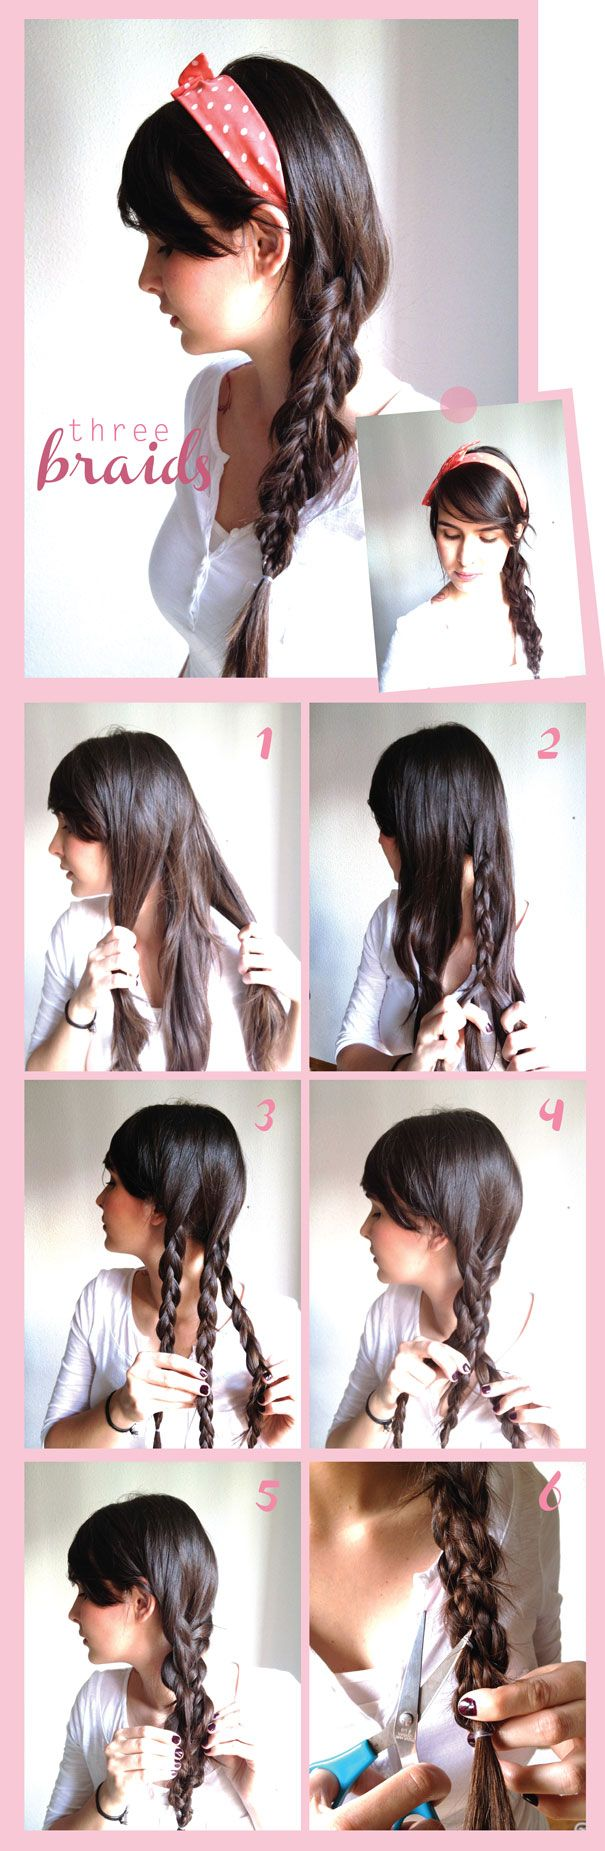 Three braids in one.